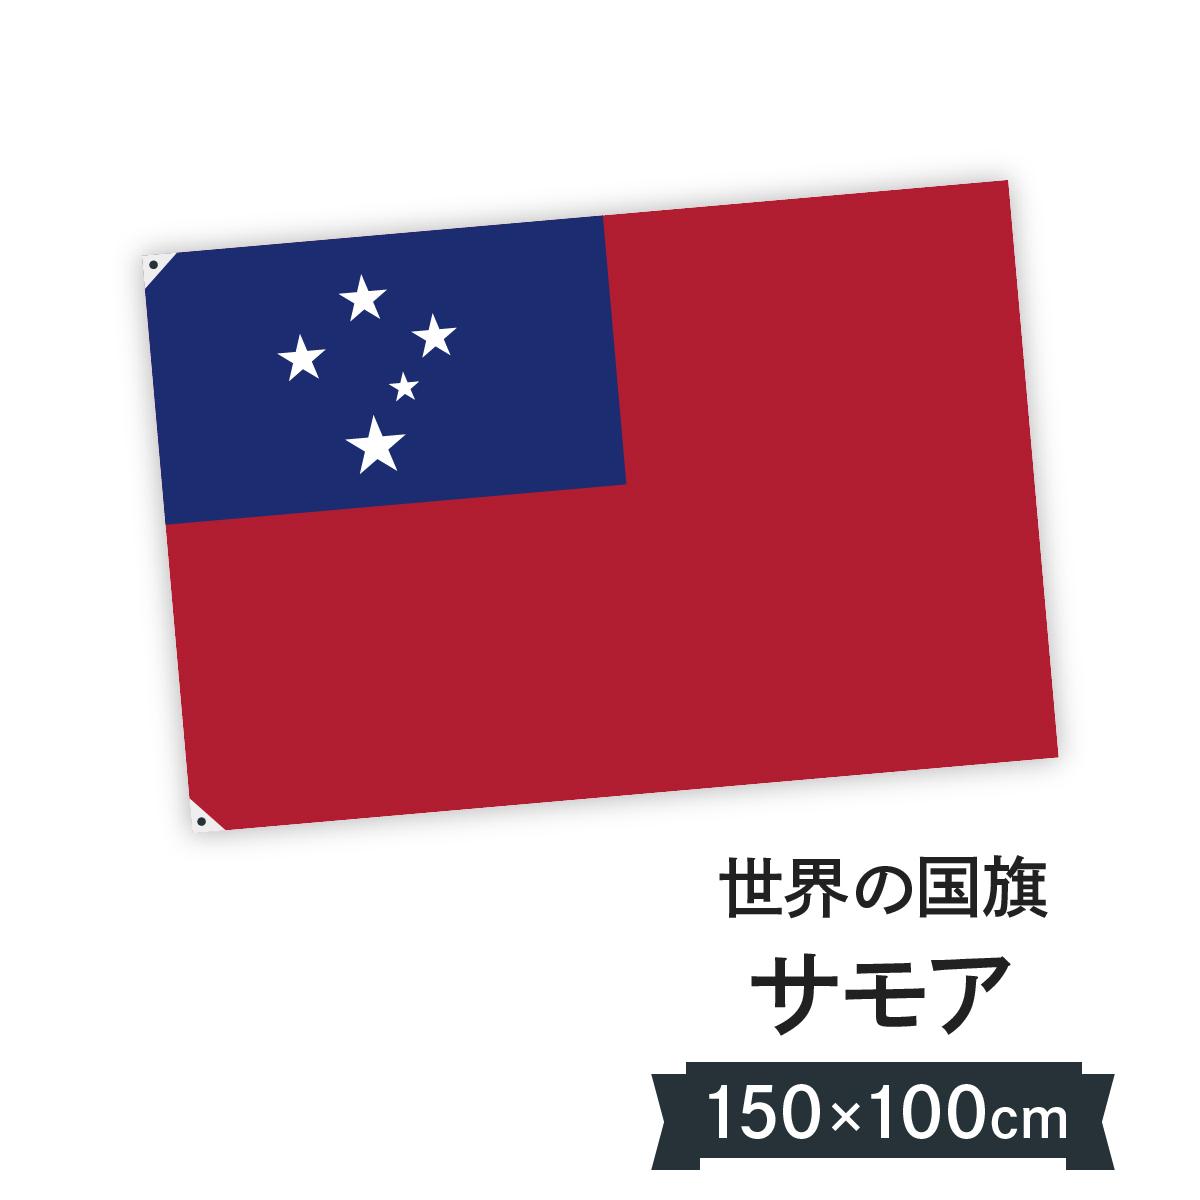 サモア 国旗 W150cm H100cm